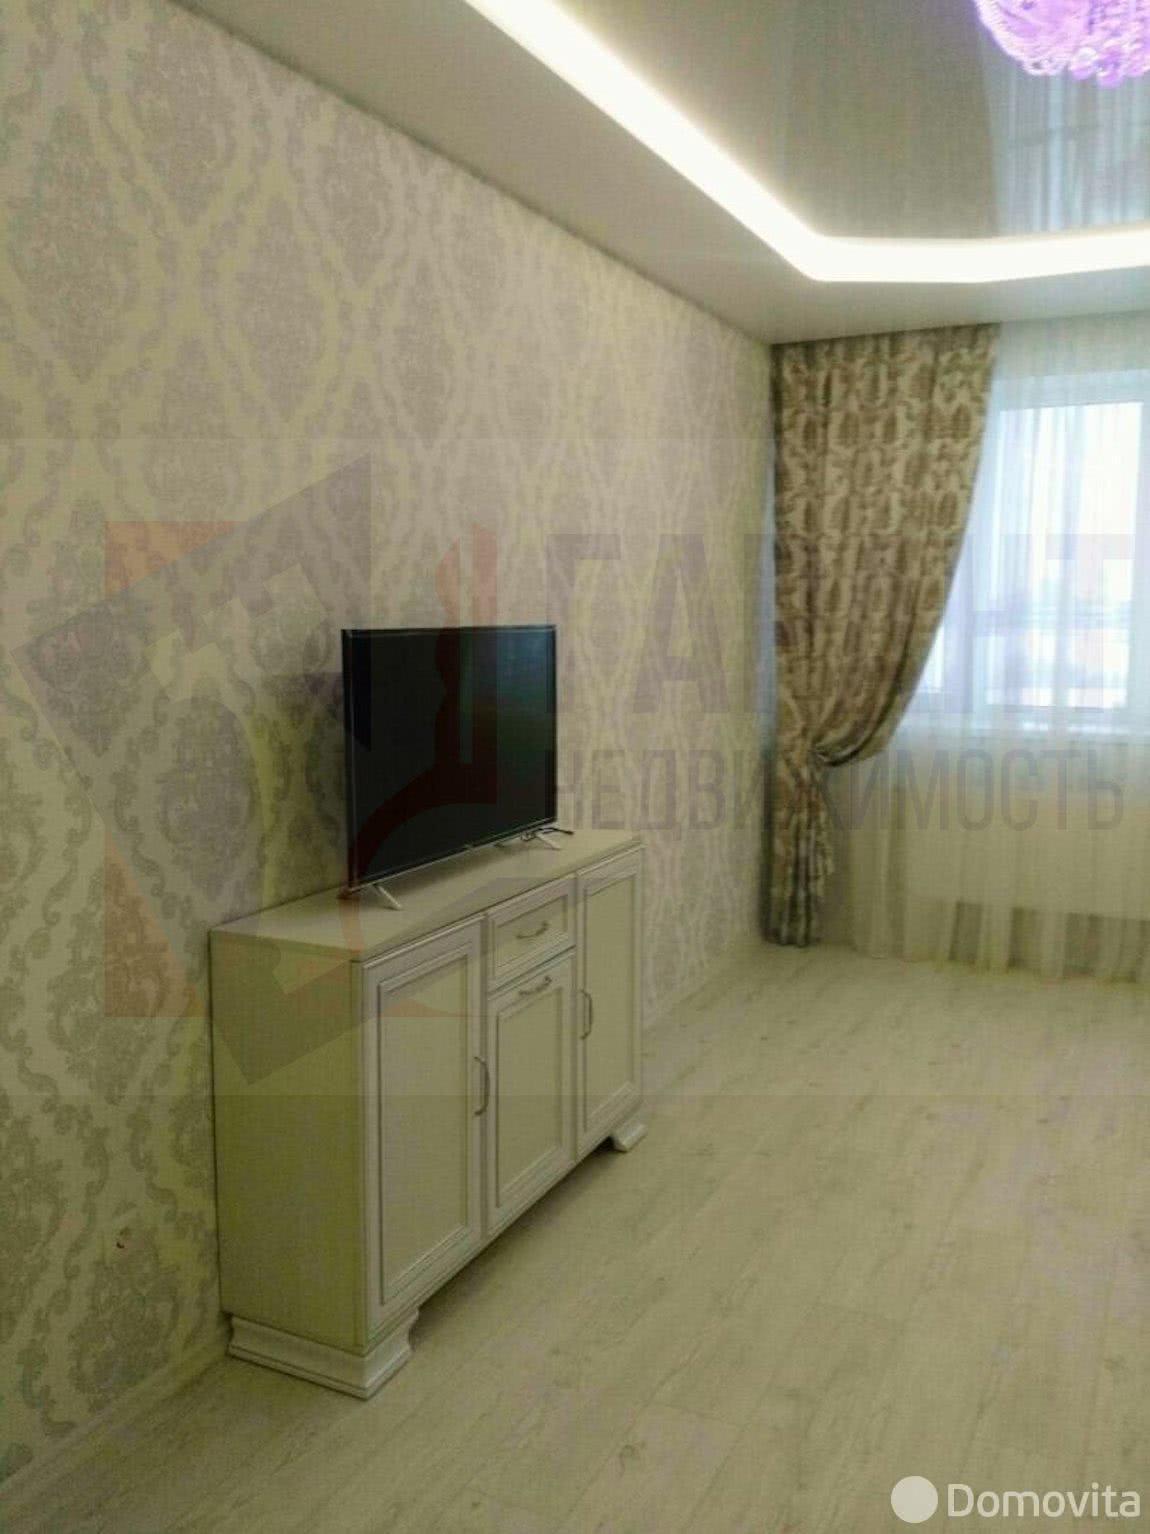 Аренда 1-комнатной квартиры в Минске, ул. Академика Карского, д. 27 - фото 5